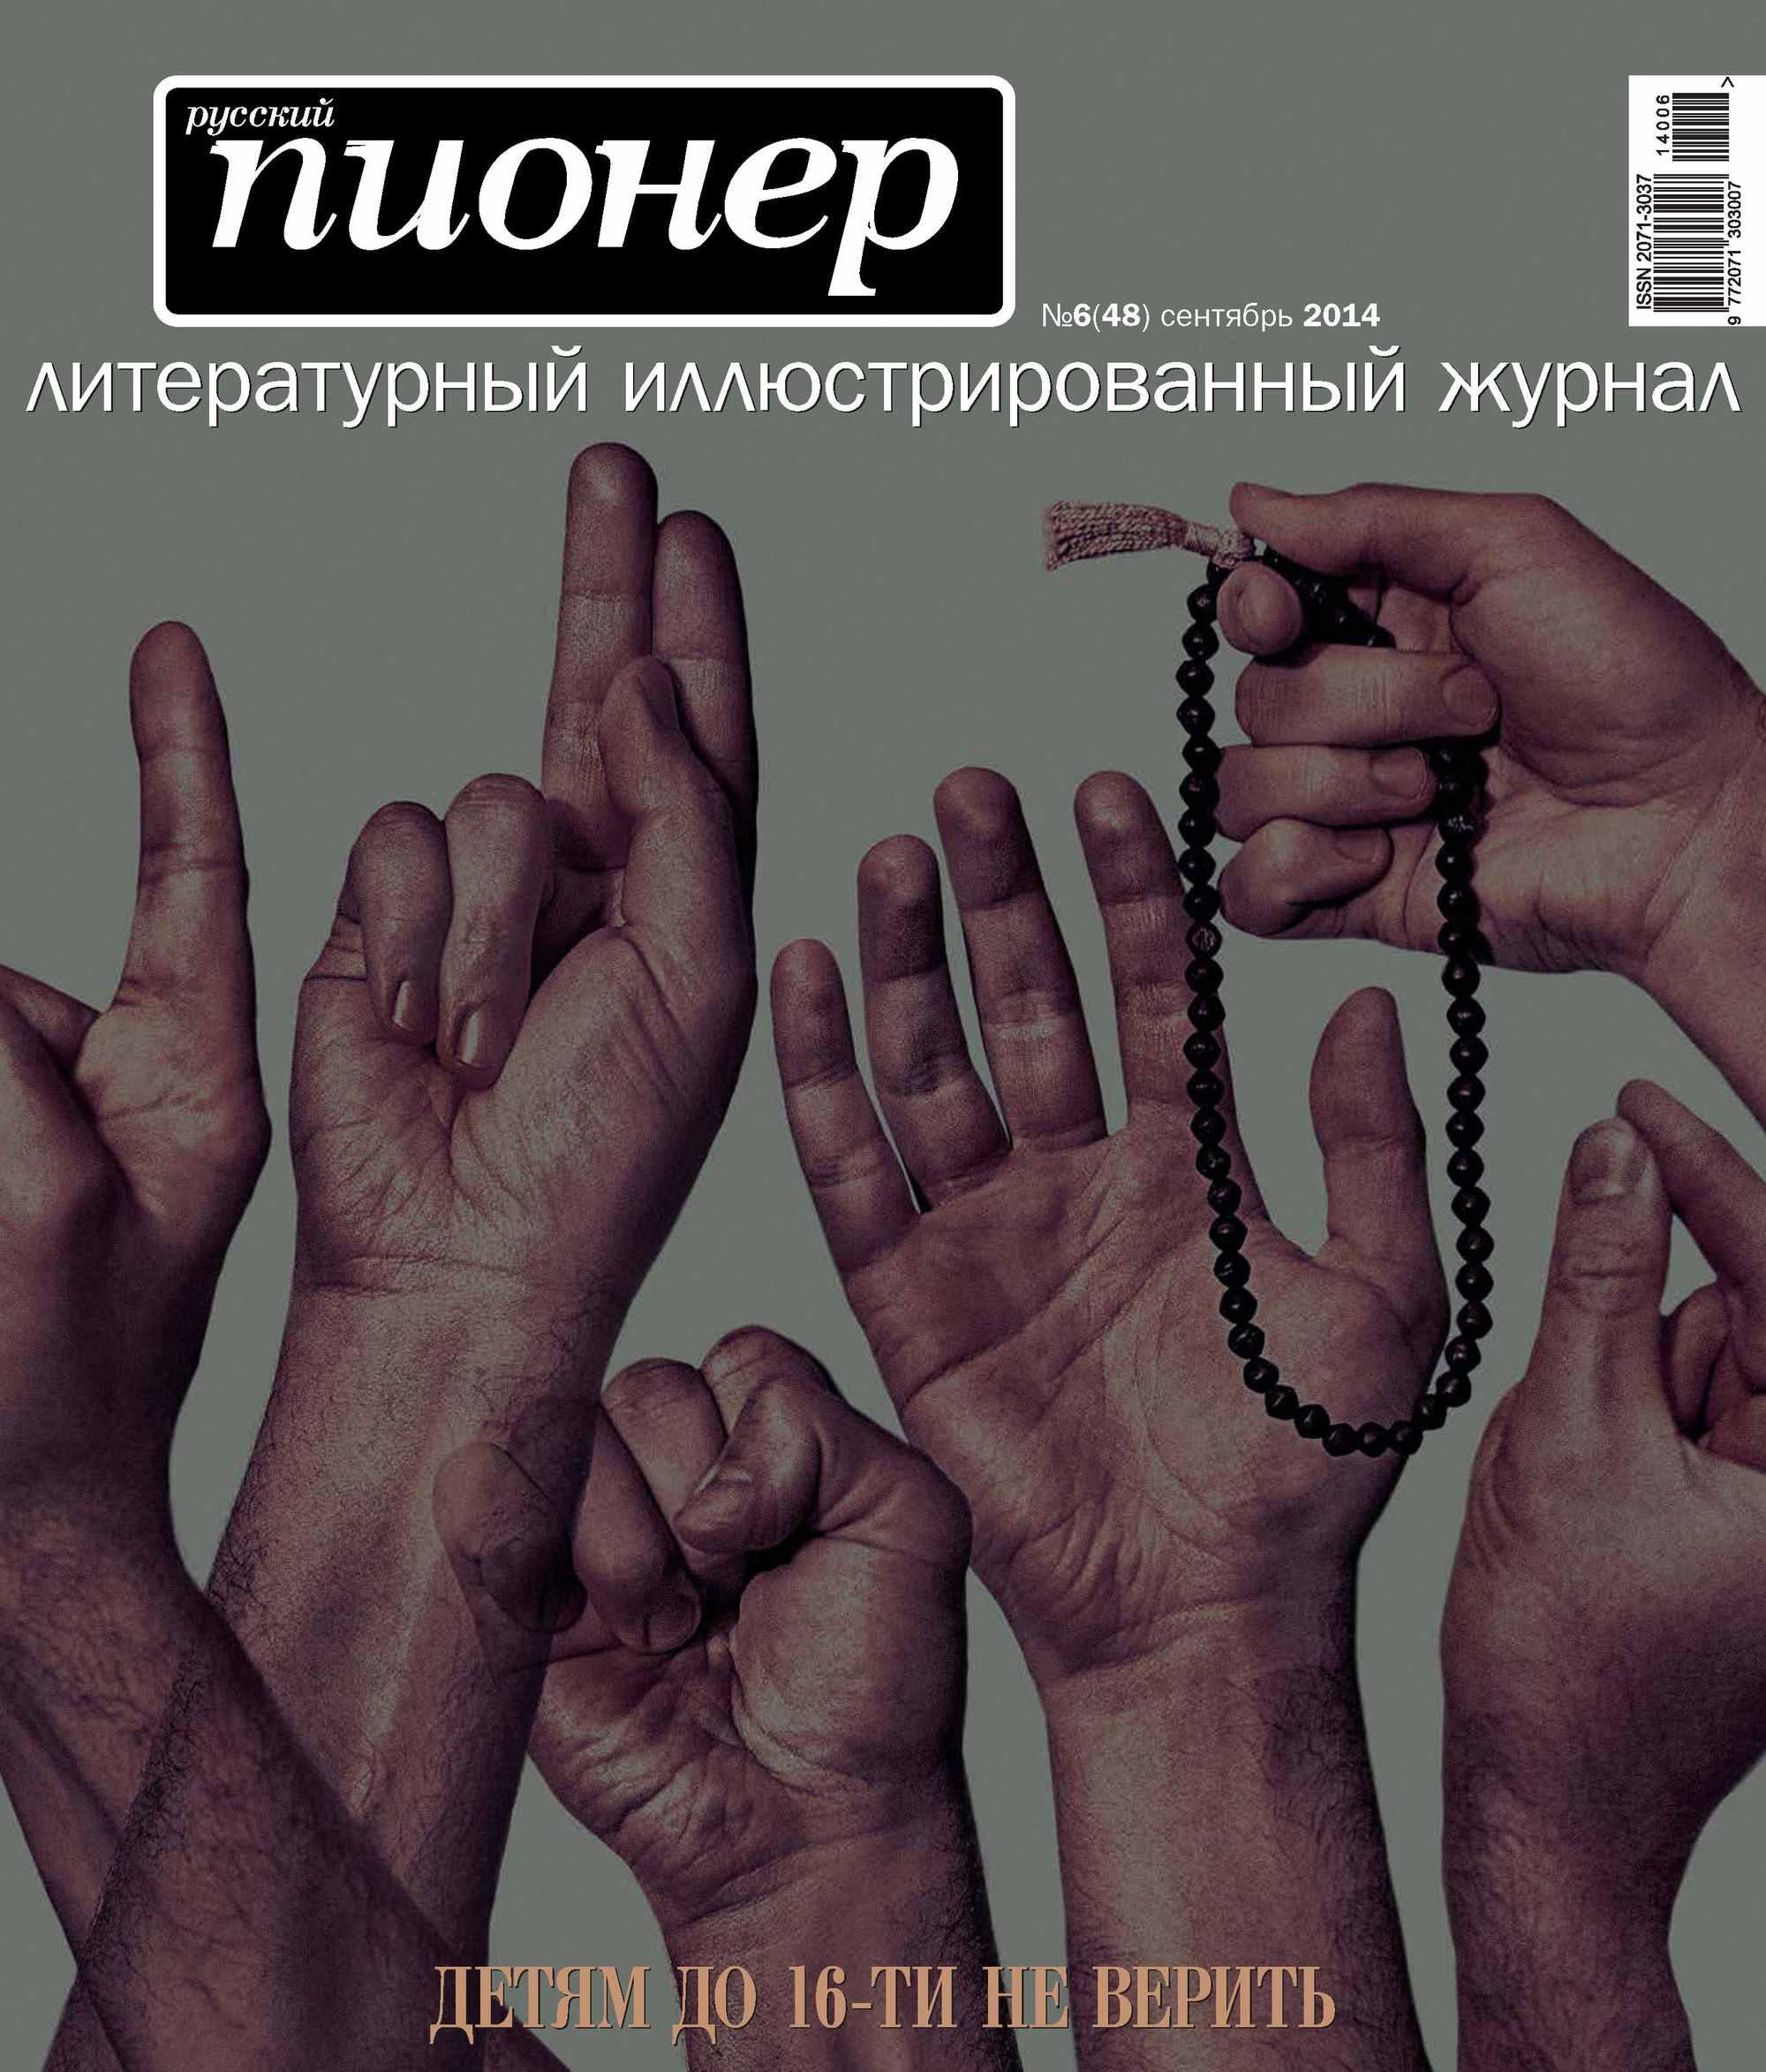 Отсутствует Русский пионер №6 (48), сентябрь 2014